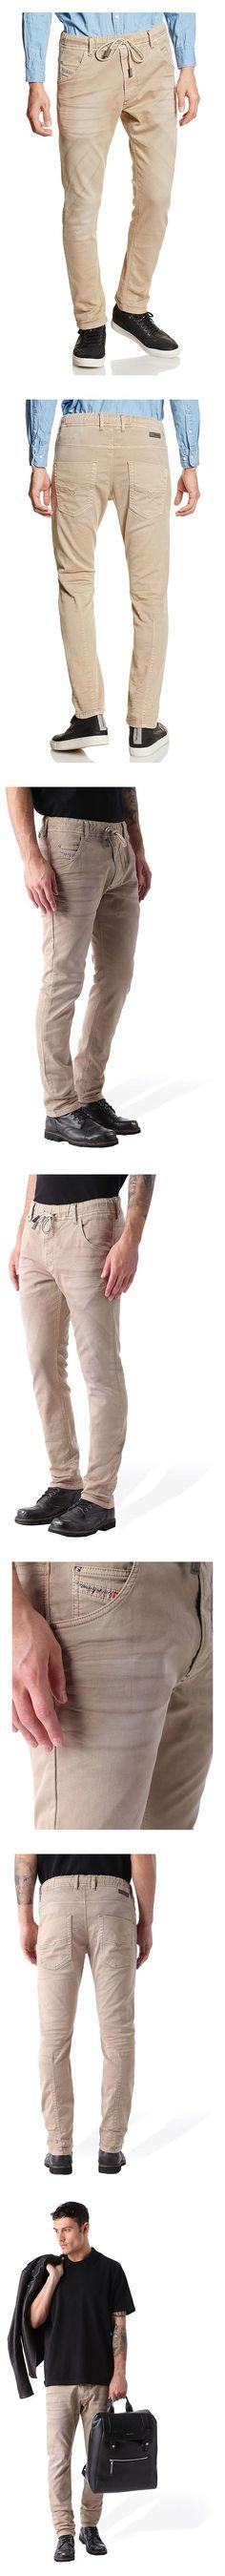 $278 - Diesel Krooley NE 0670M Beige Joggjeans #jeans #